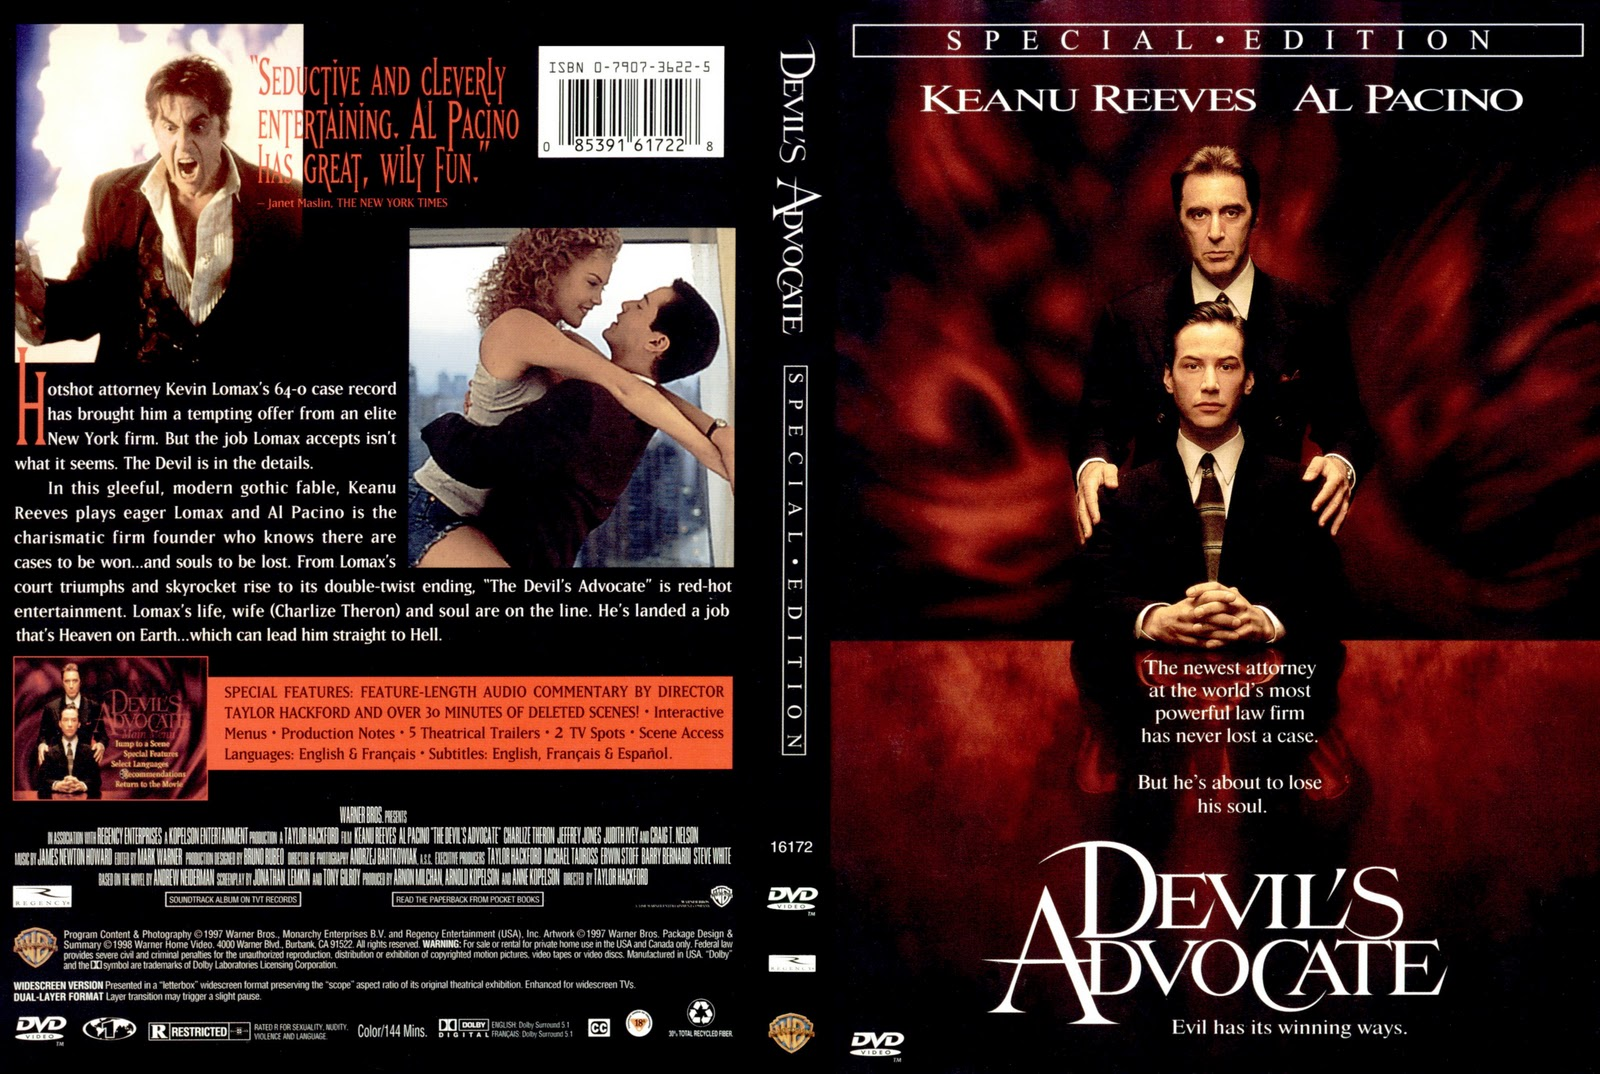 http://1.bp.blogspot.com/-PcIZjzopgcQ/TsJdhiDfmXI/AAAAAAAAA8k/OSJ2jGf9k0M/s1600/Devil%2527s_Advocate_R1-%255Bcdcovers_cc%255D-front.jpg